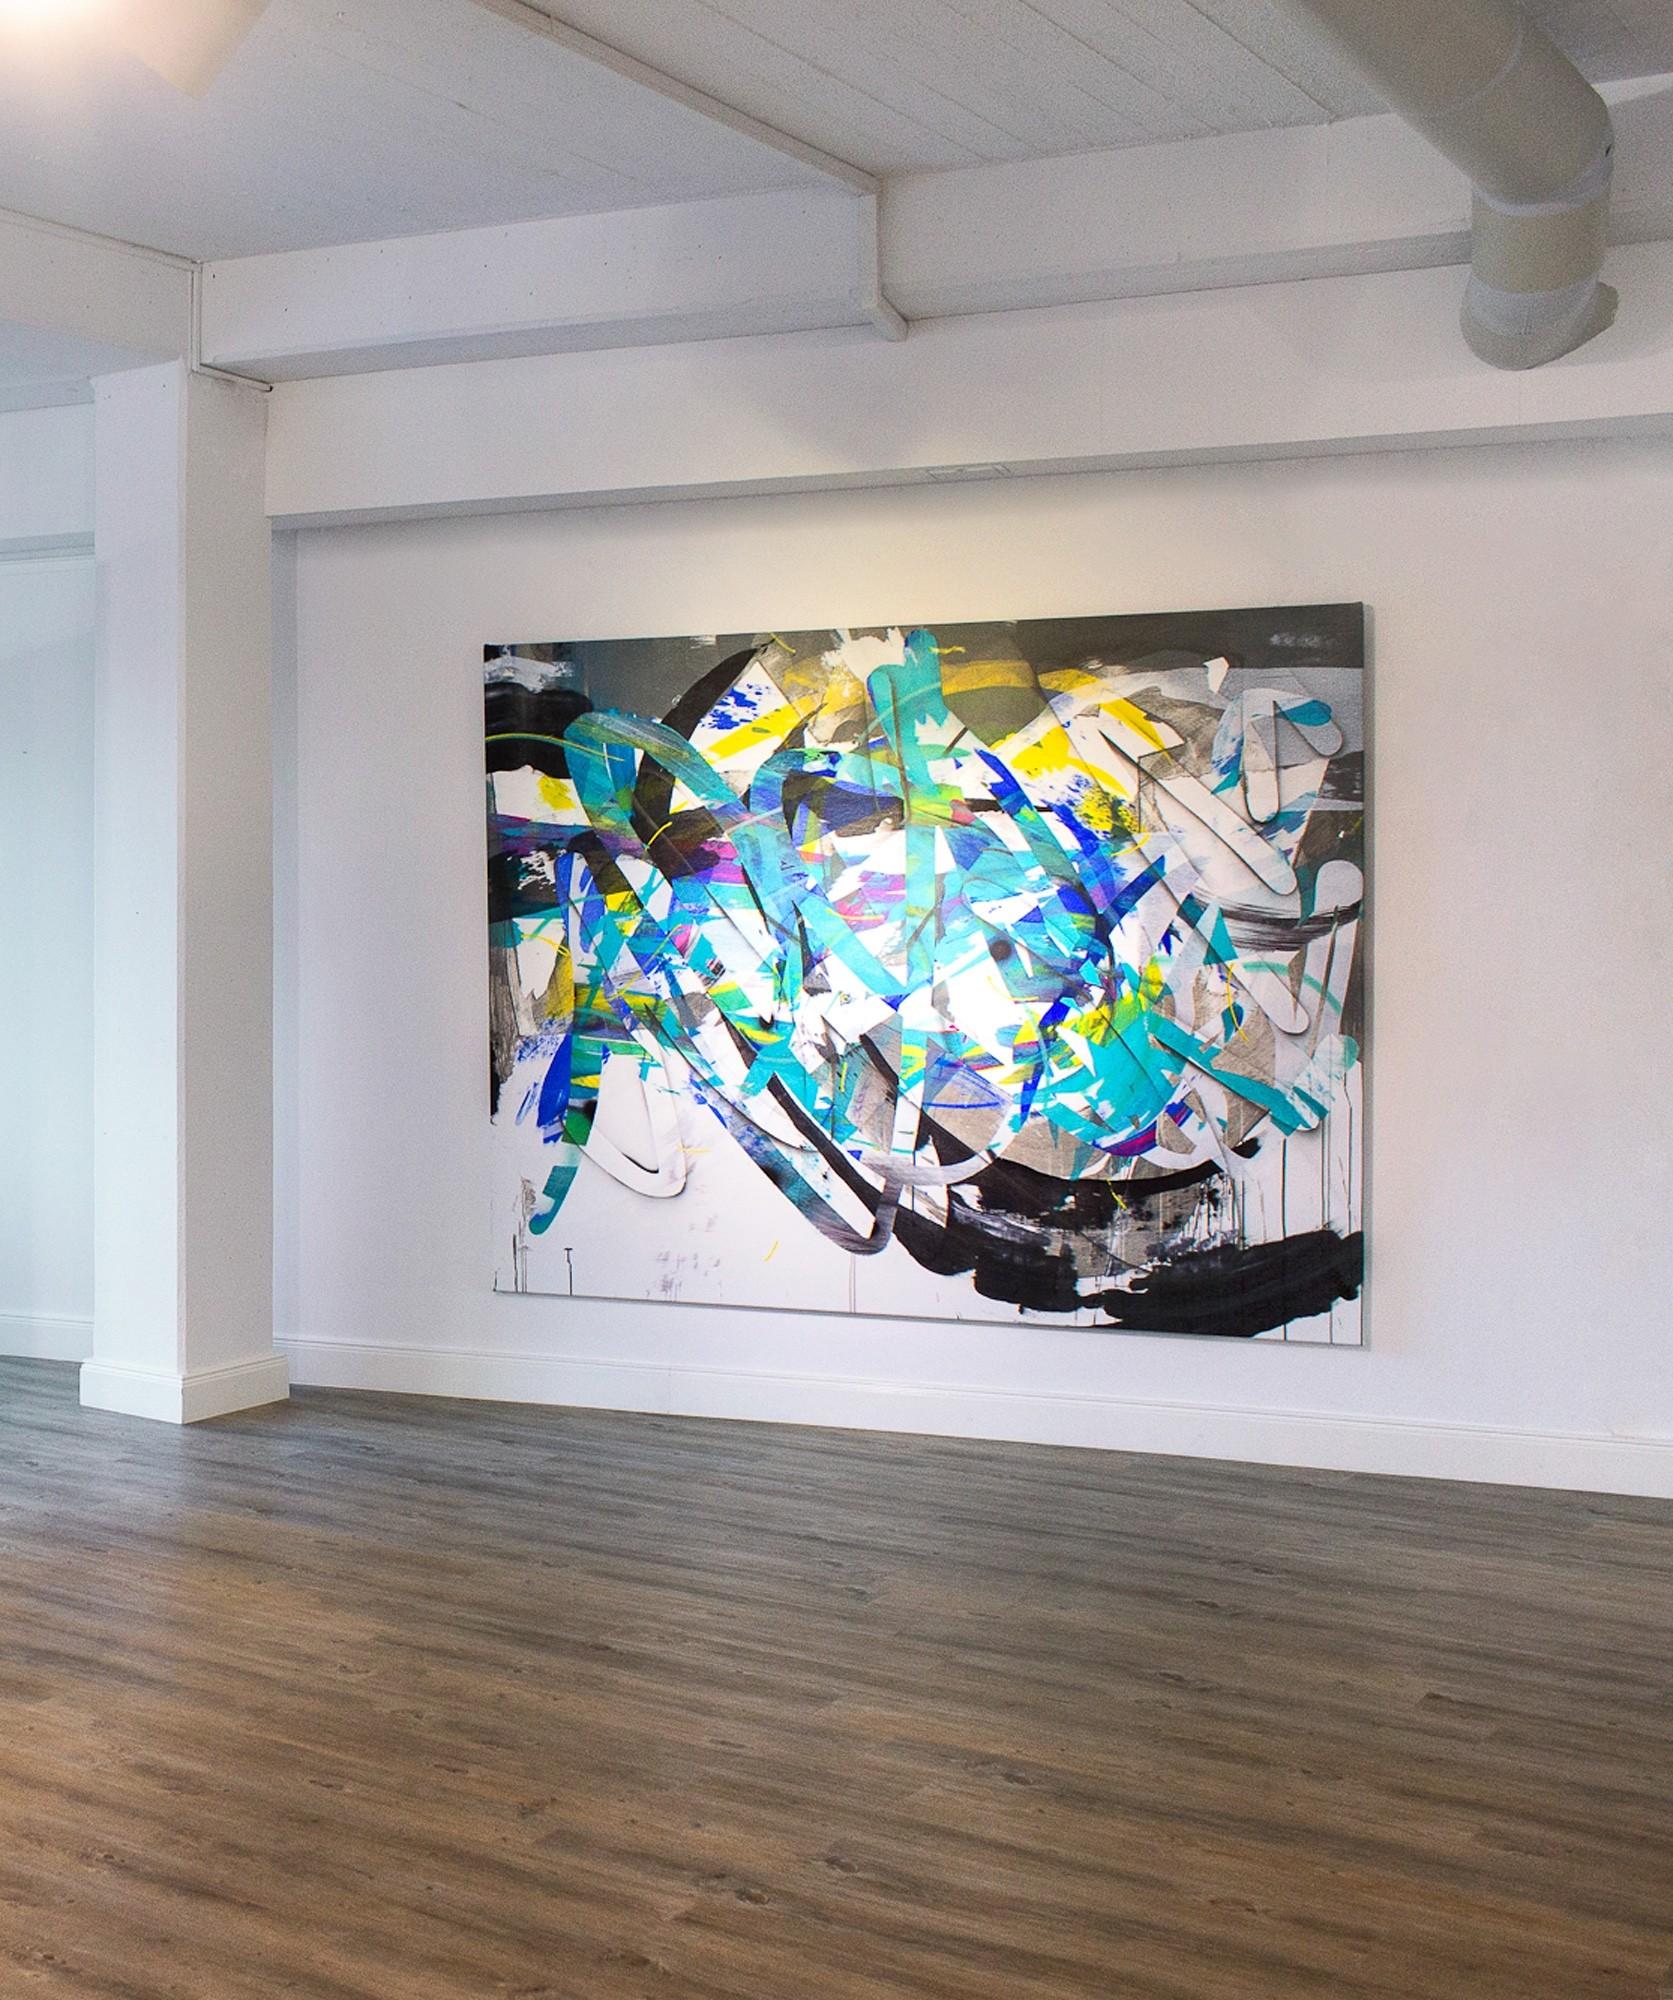 O.T. 29, Malerei von Malwin Faber, Öl, Acryl und Sprühfarbe auf Leinwand 02